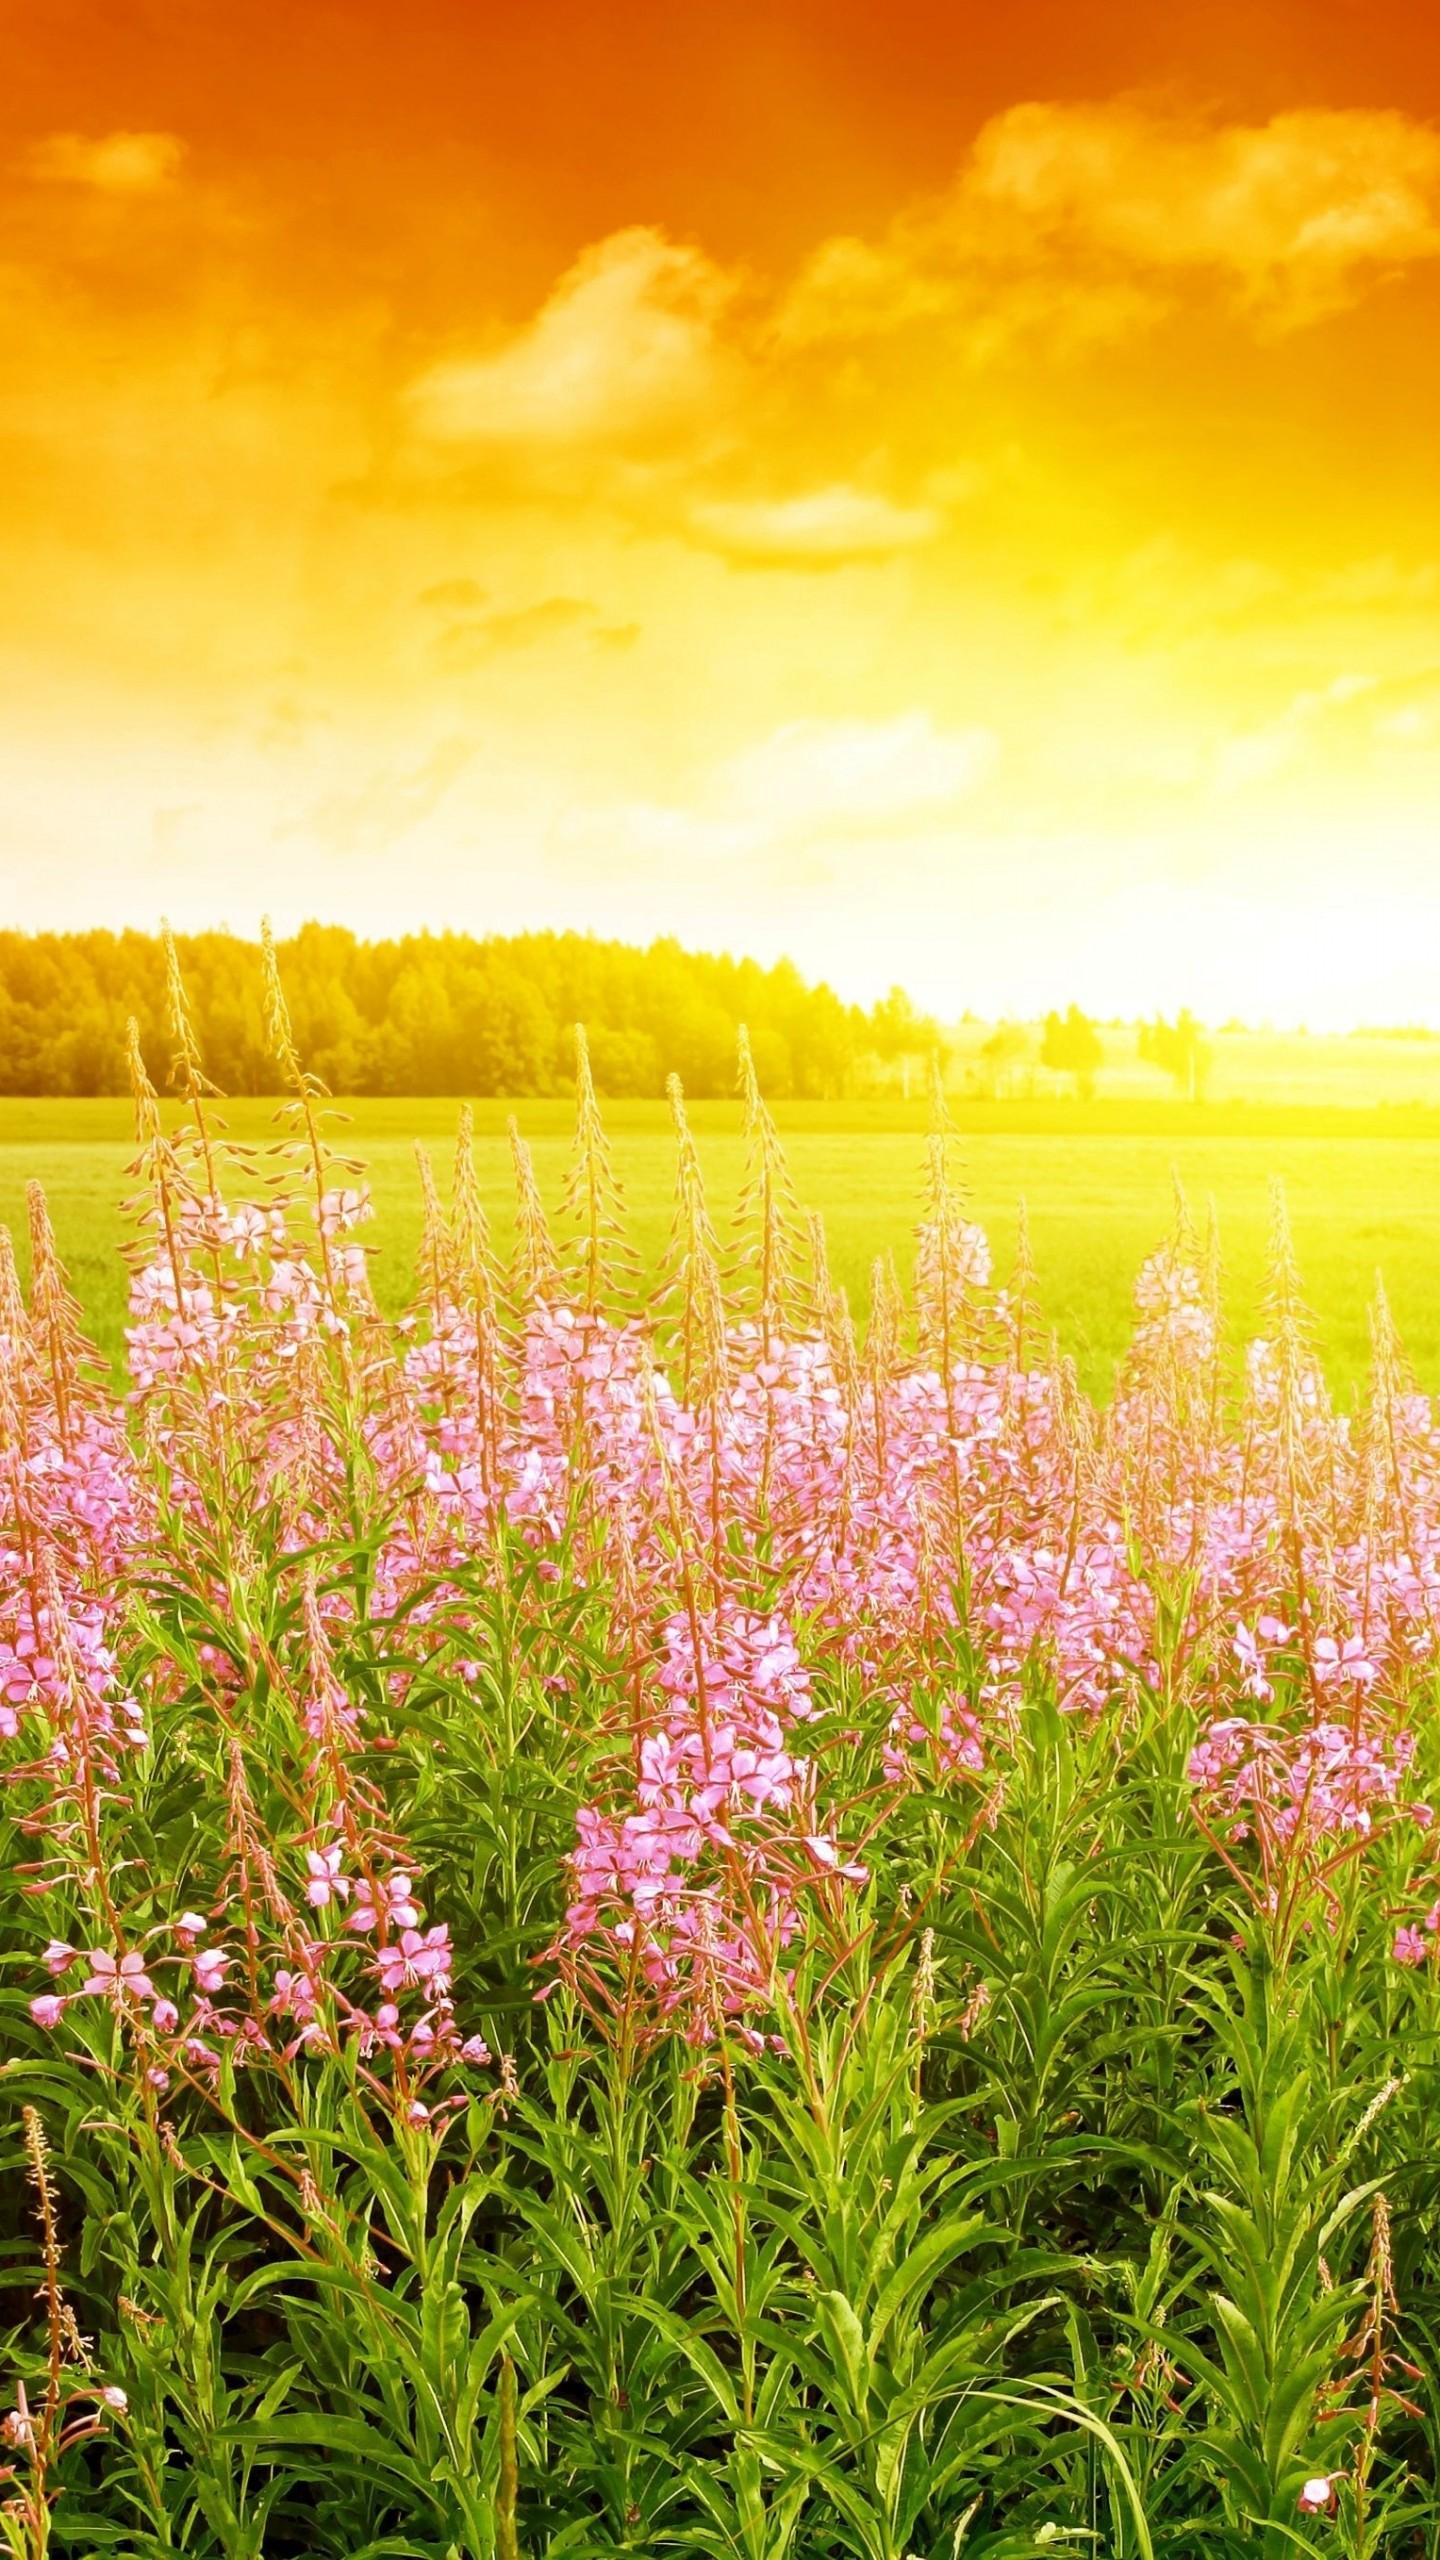 Wallpaper Sky 4k Hd Wallpaper Sunset Field Flowers